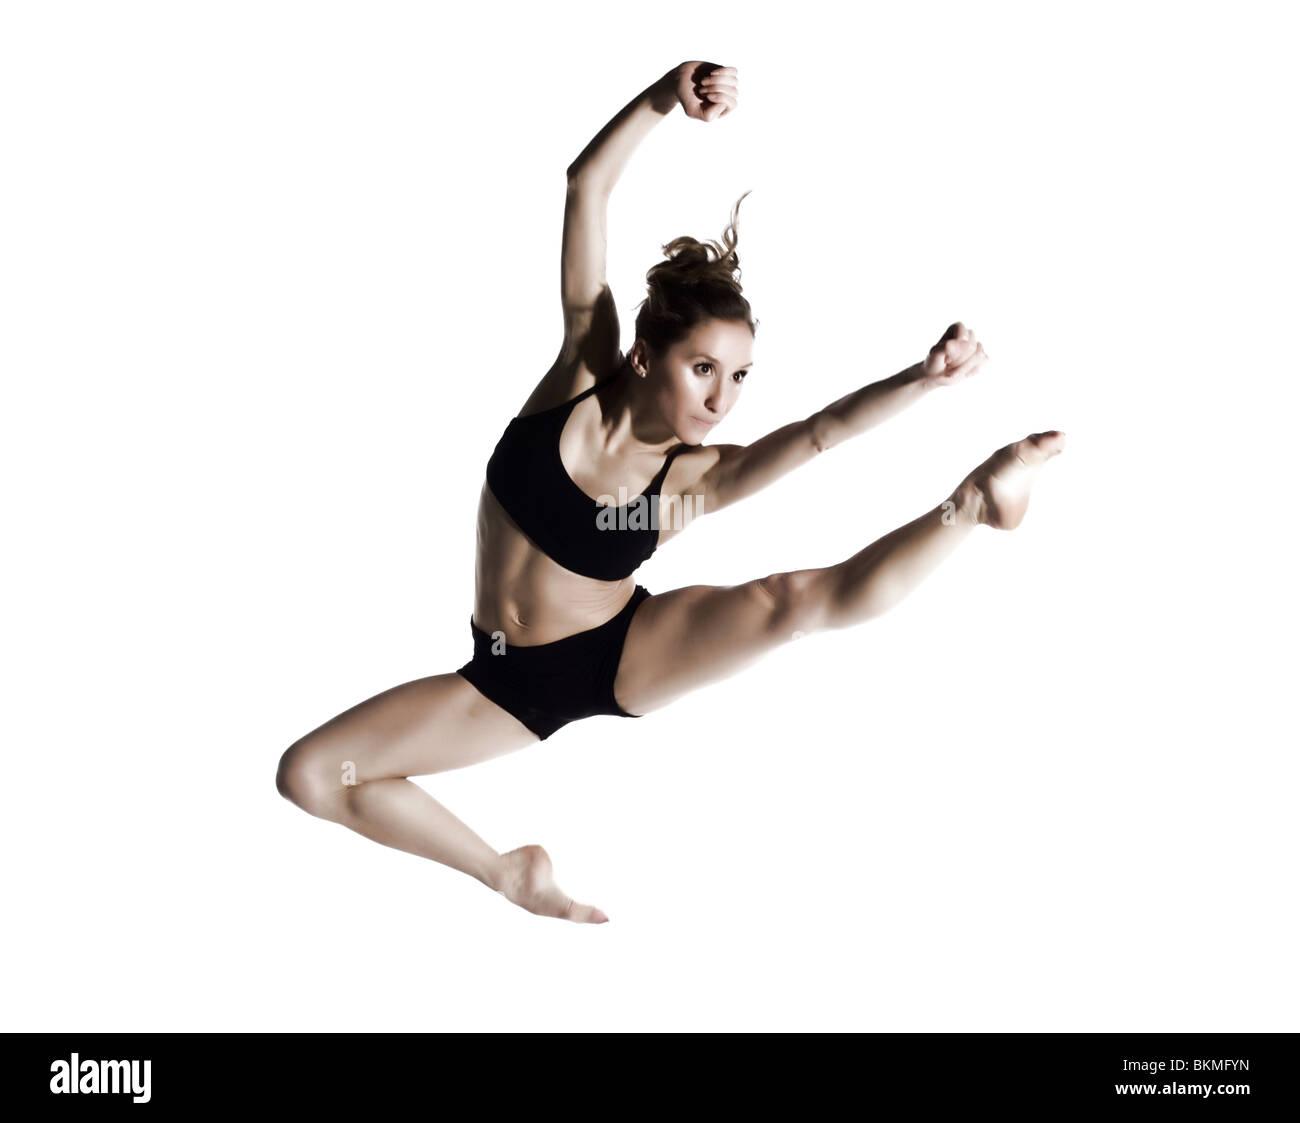 Giovane ballerino professionista che saltava Immagini Stock